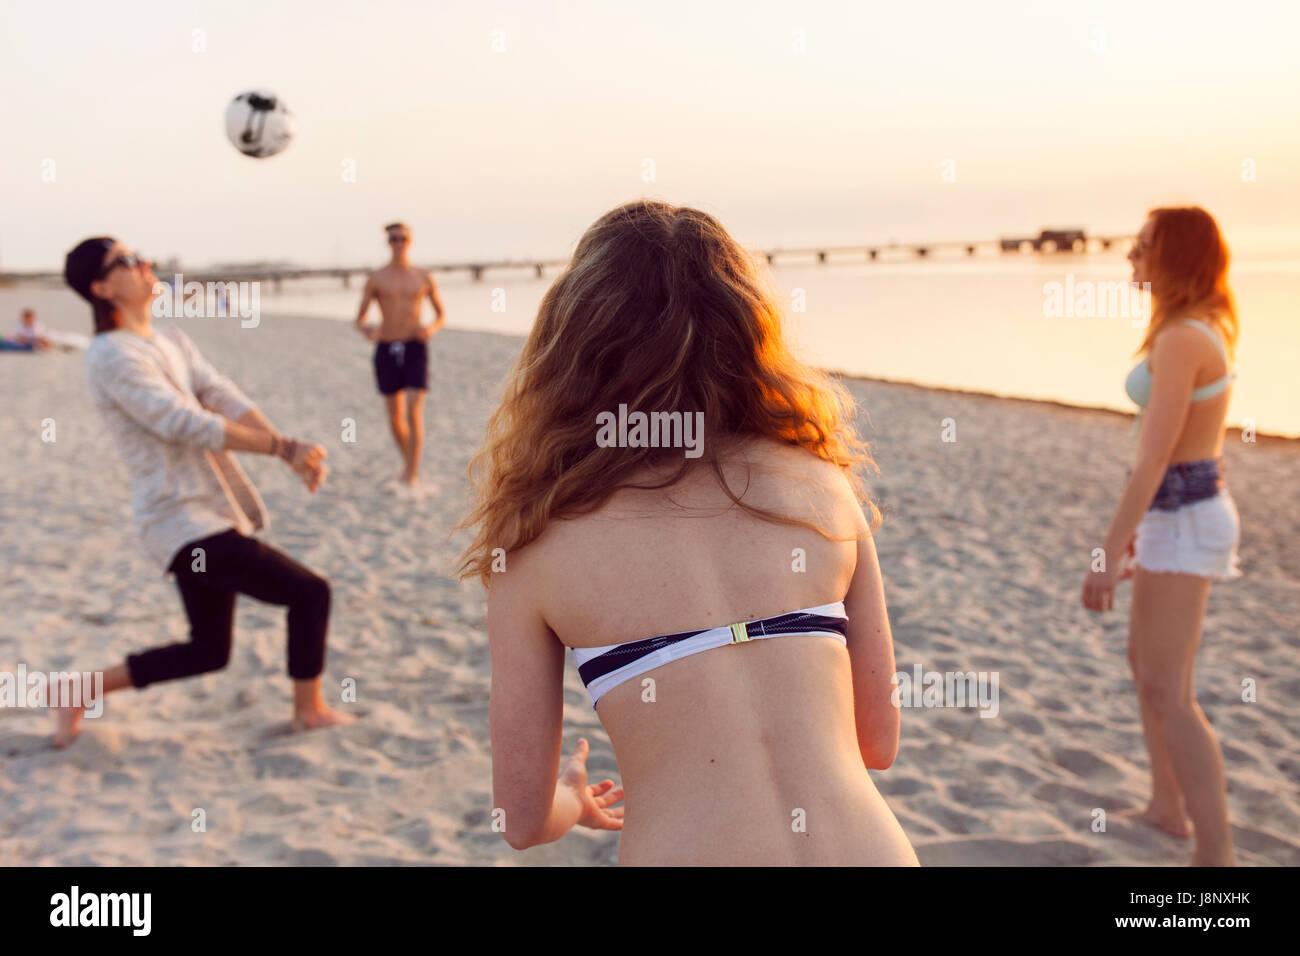 Les jeunes hommes, les jeunes femmes et teenage girl (16-17) jouer au volley-ball sur le sable au coucher du soleil Banque D'Images